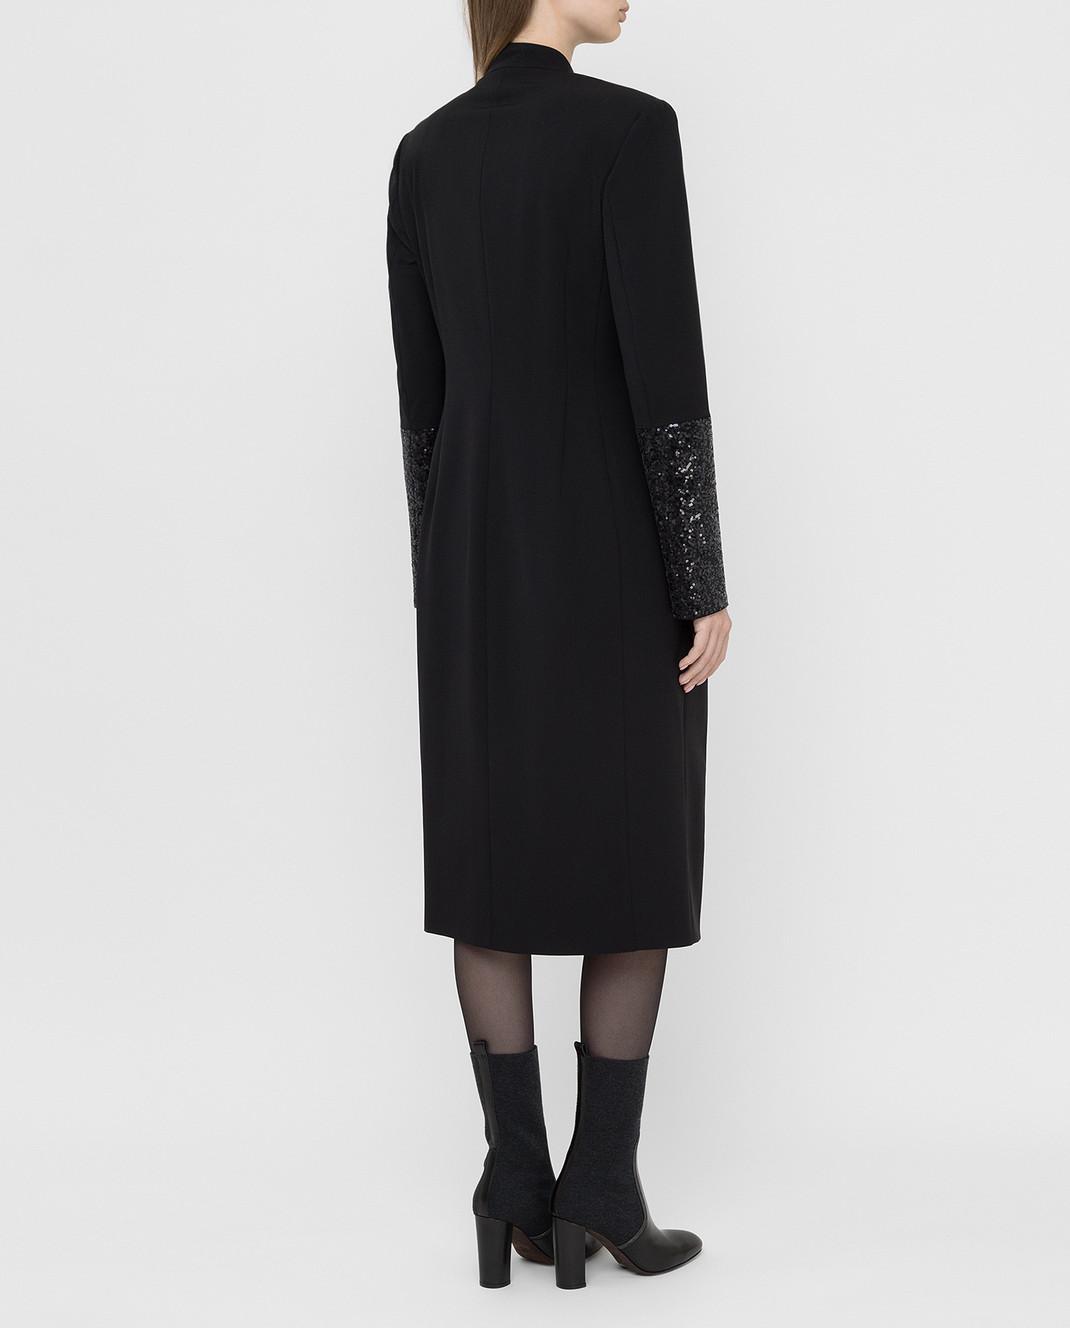 Brunello Cucinelli Черное платье из шерсти изображение 4